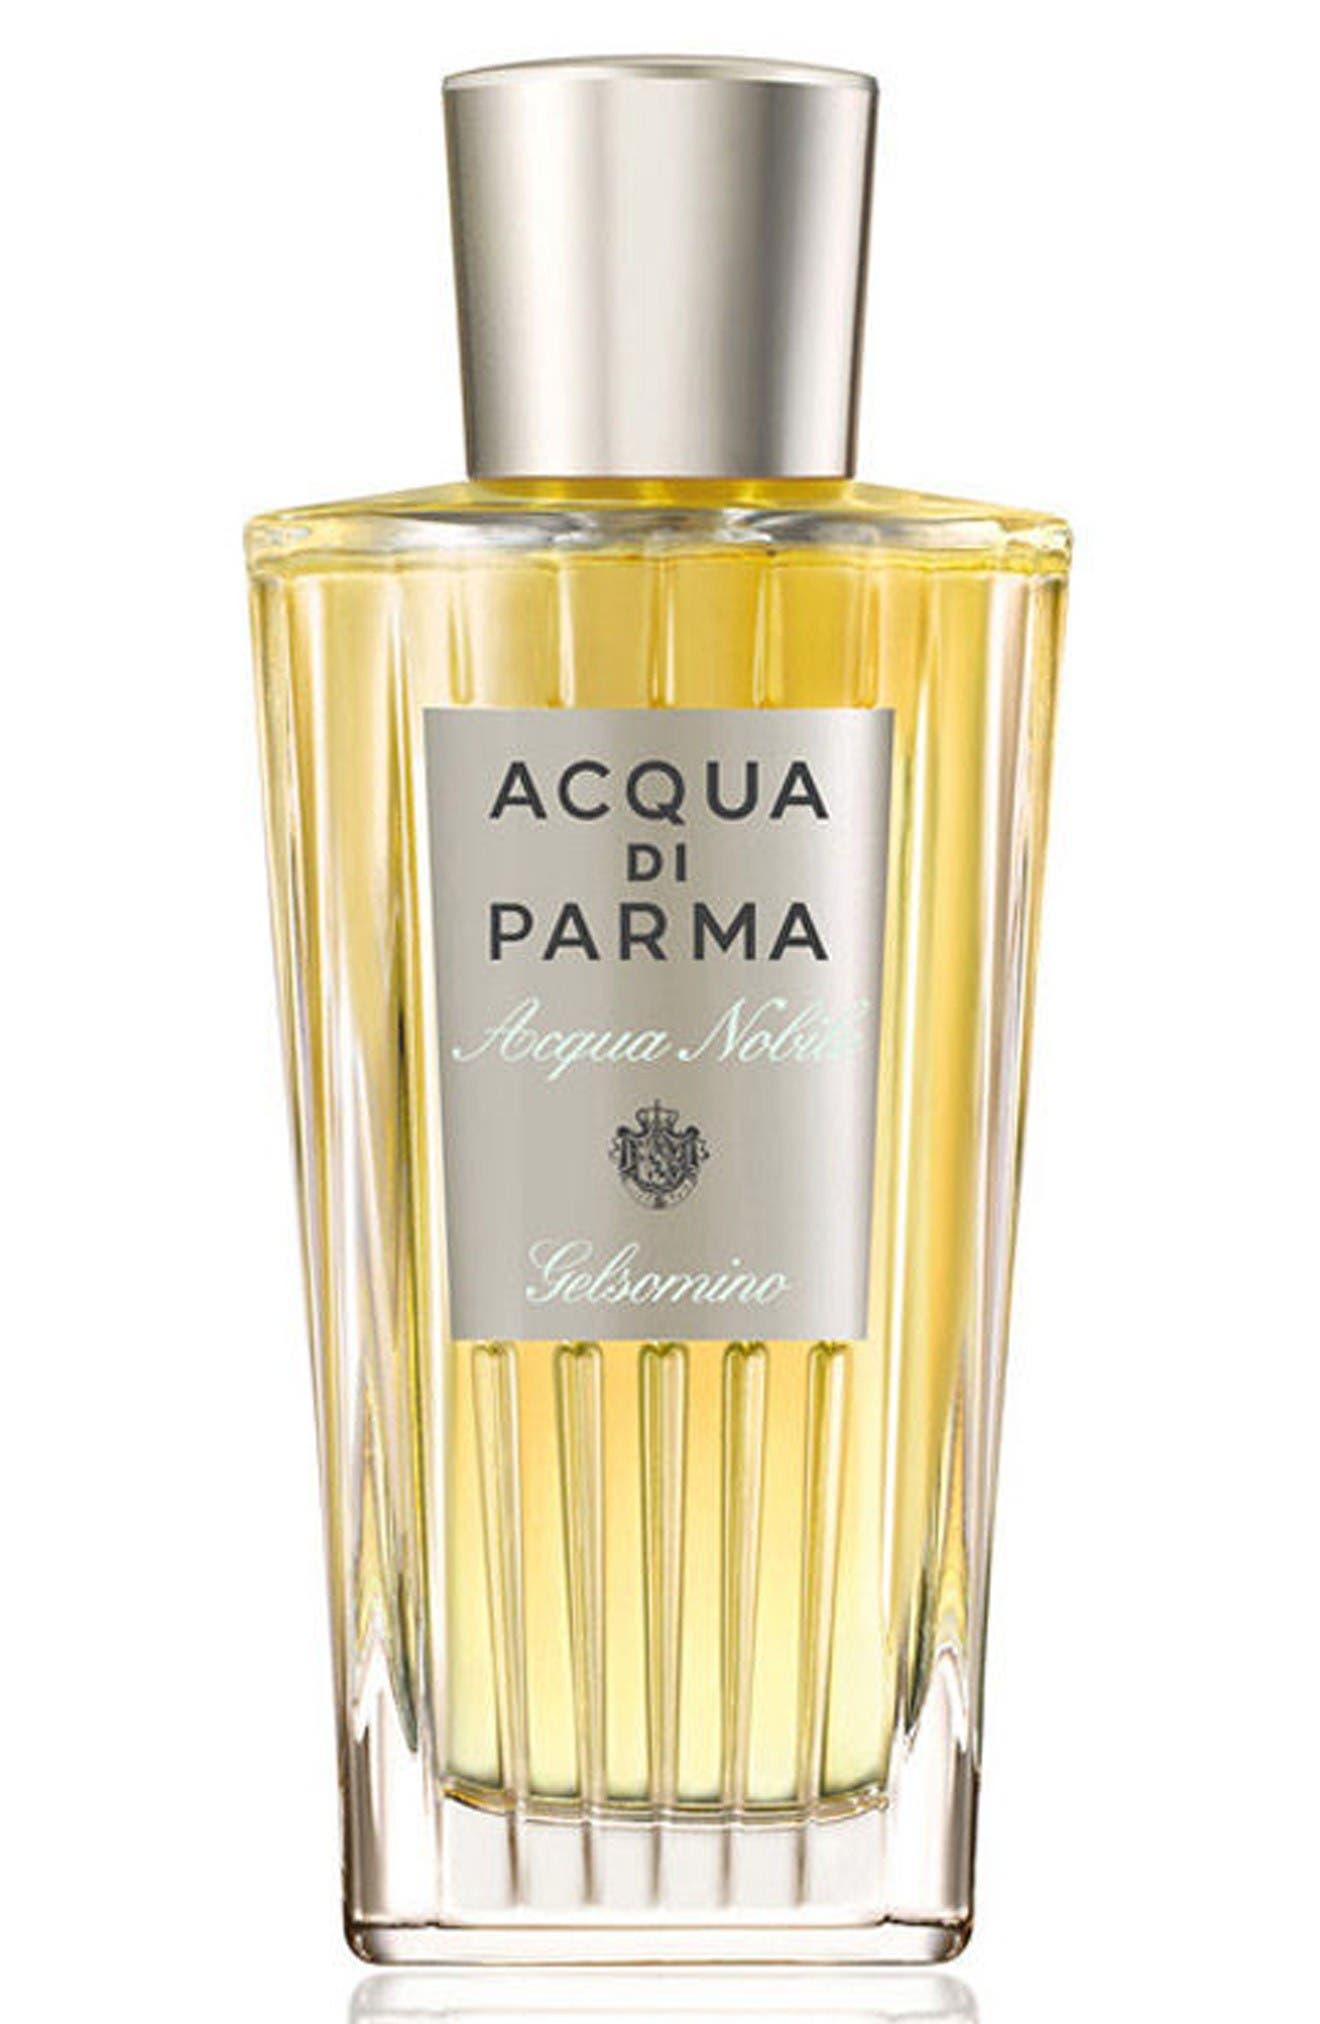 Alternate Image 1 Selected - Acqua di Parma Acqua Nobili Gelsomino Fragrance